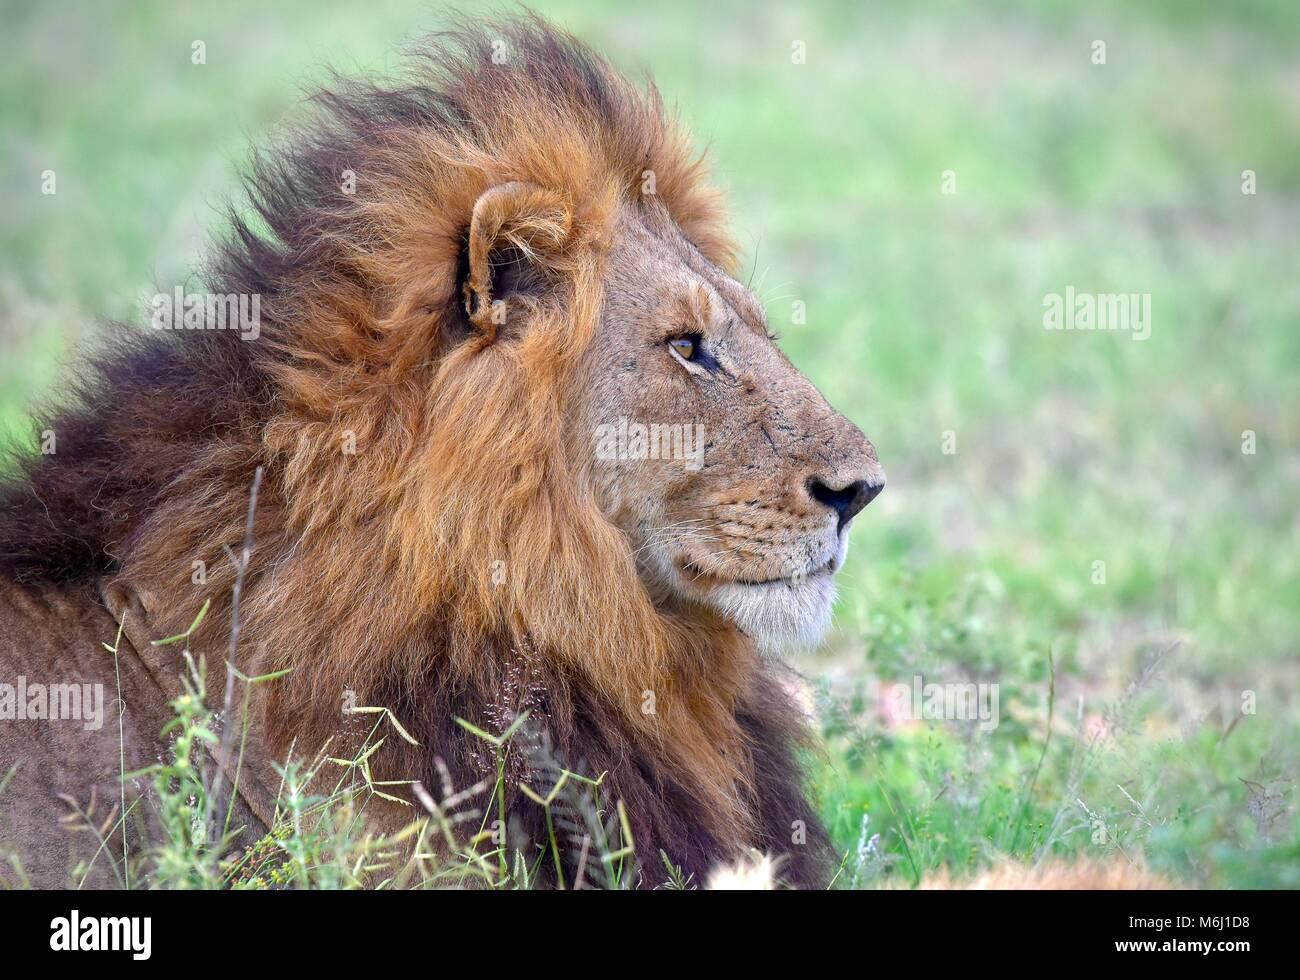 Kruger Park, Afrique du Sud. Un paradis de la faune et des oiseaux. La crinière d'un lion magnifique portrait Photo Stock